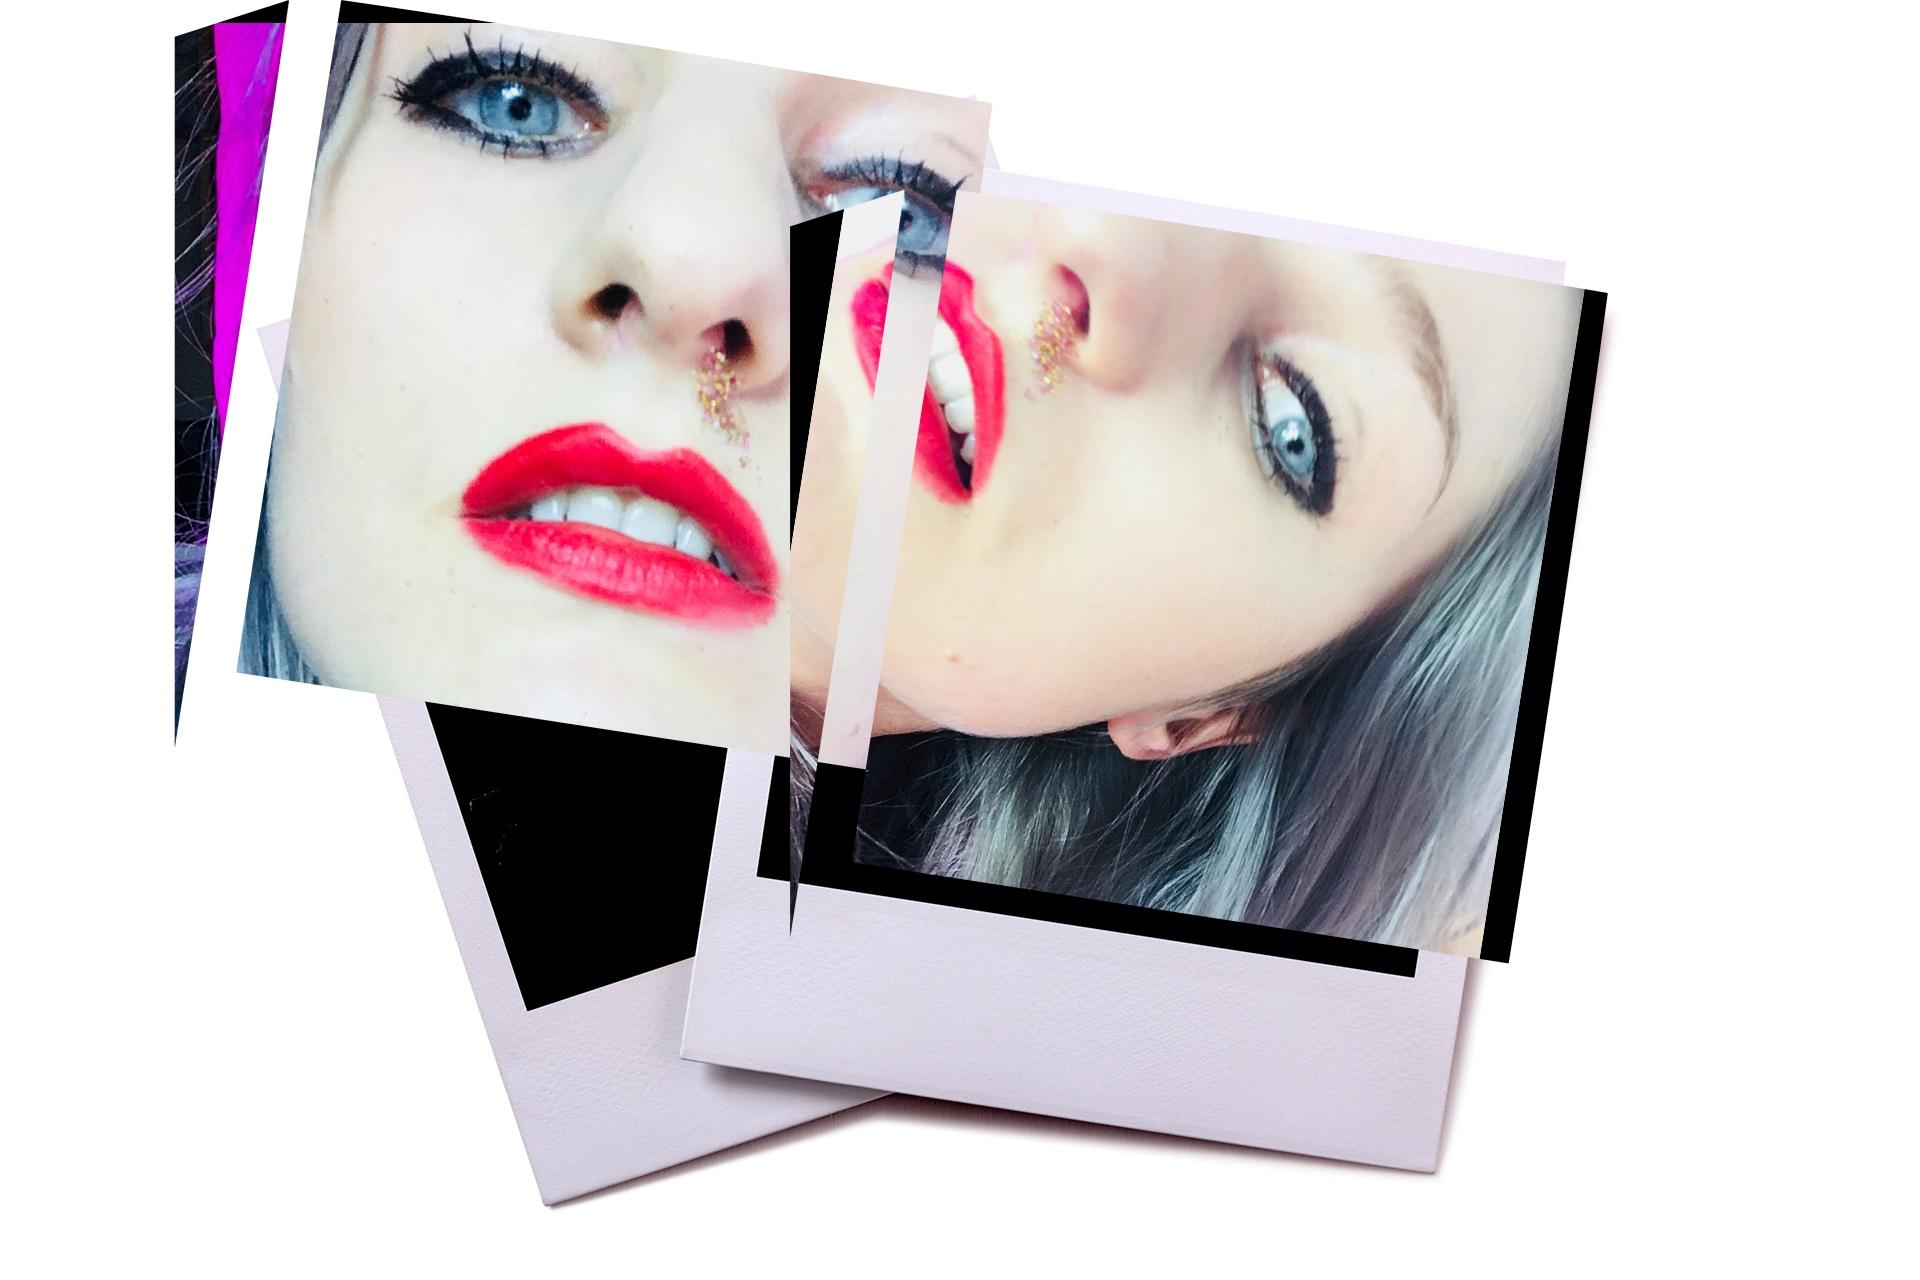 Obraz przedstawia dwie fotografie typu polaroid. Widać na nich kobiecą twarz w makijażu.